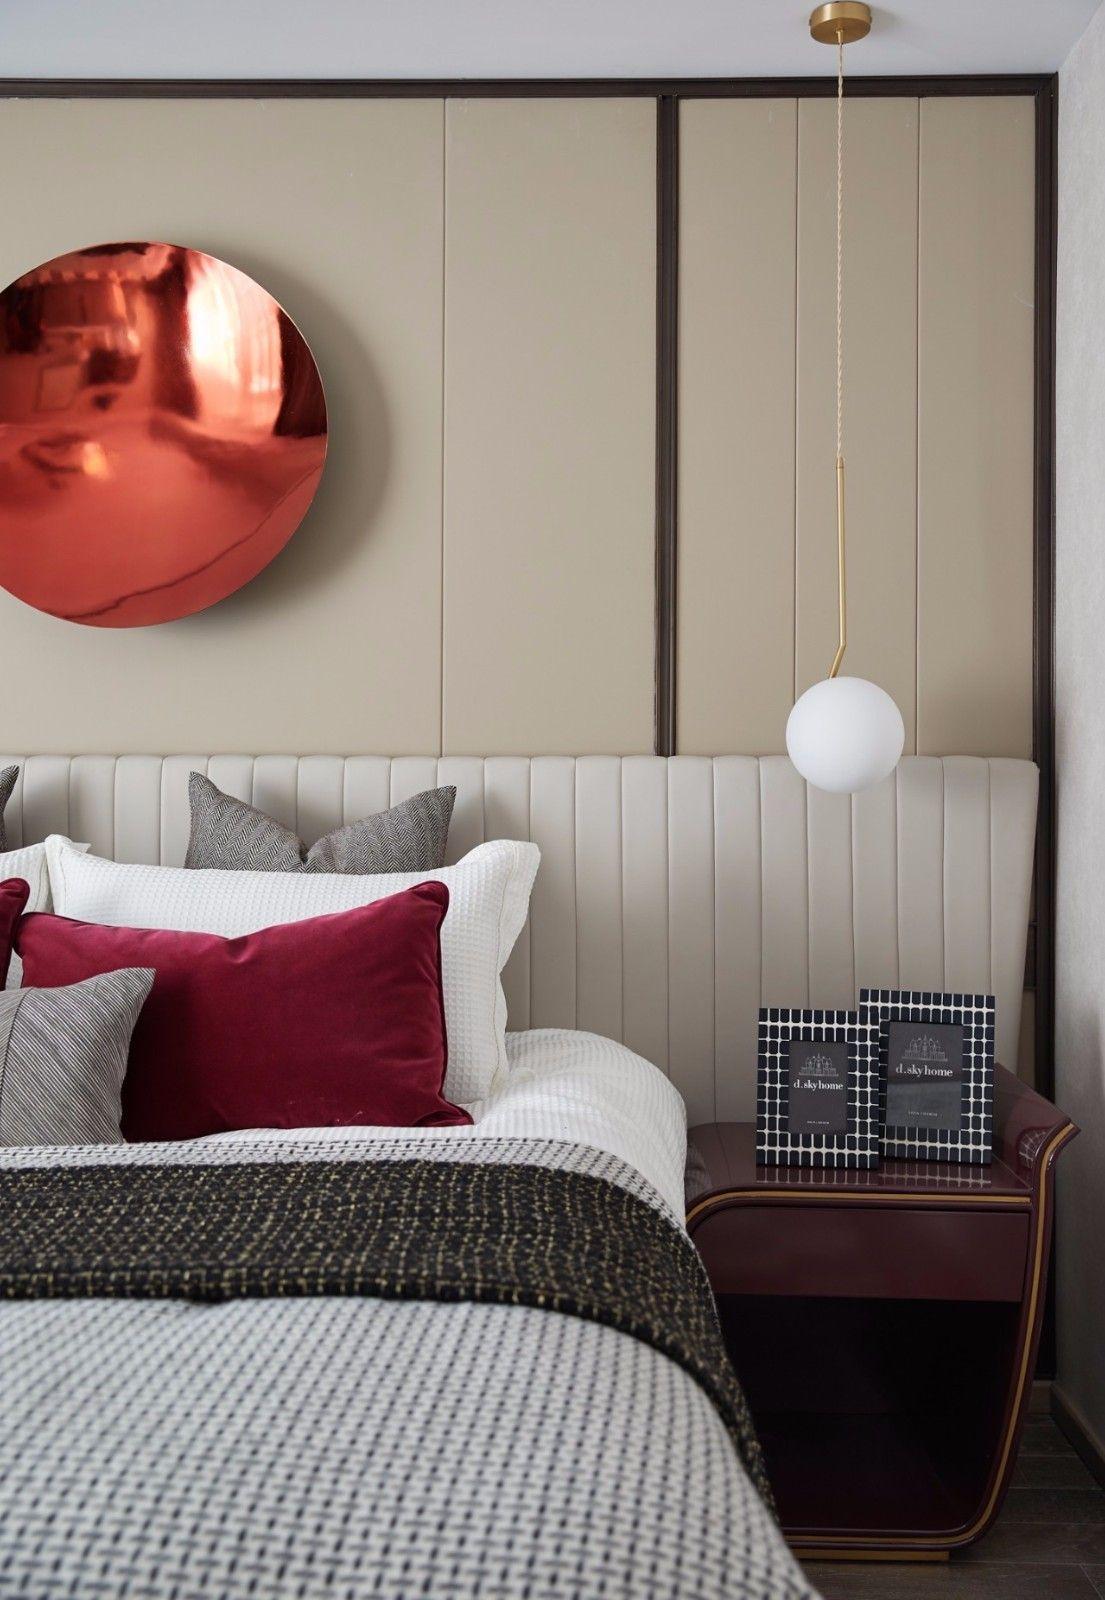 ''红梨色''点缀的奢丽雅致住宅丨这是一场以取悦自我为主题的视觉盛宴 D.DECOR DESIGN - 19